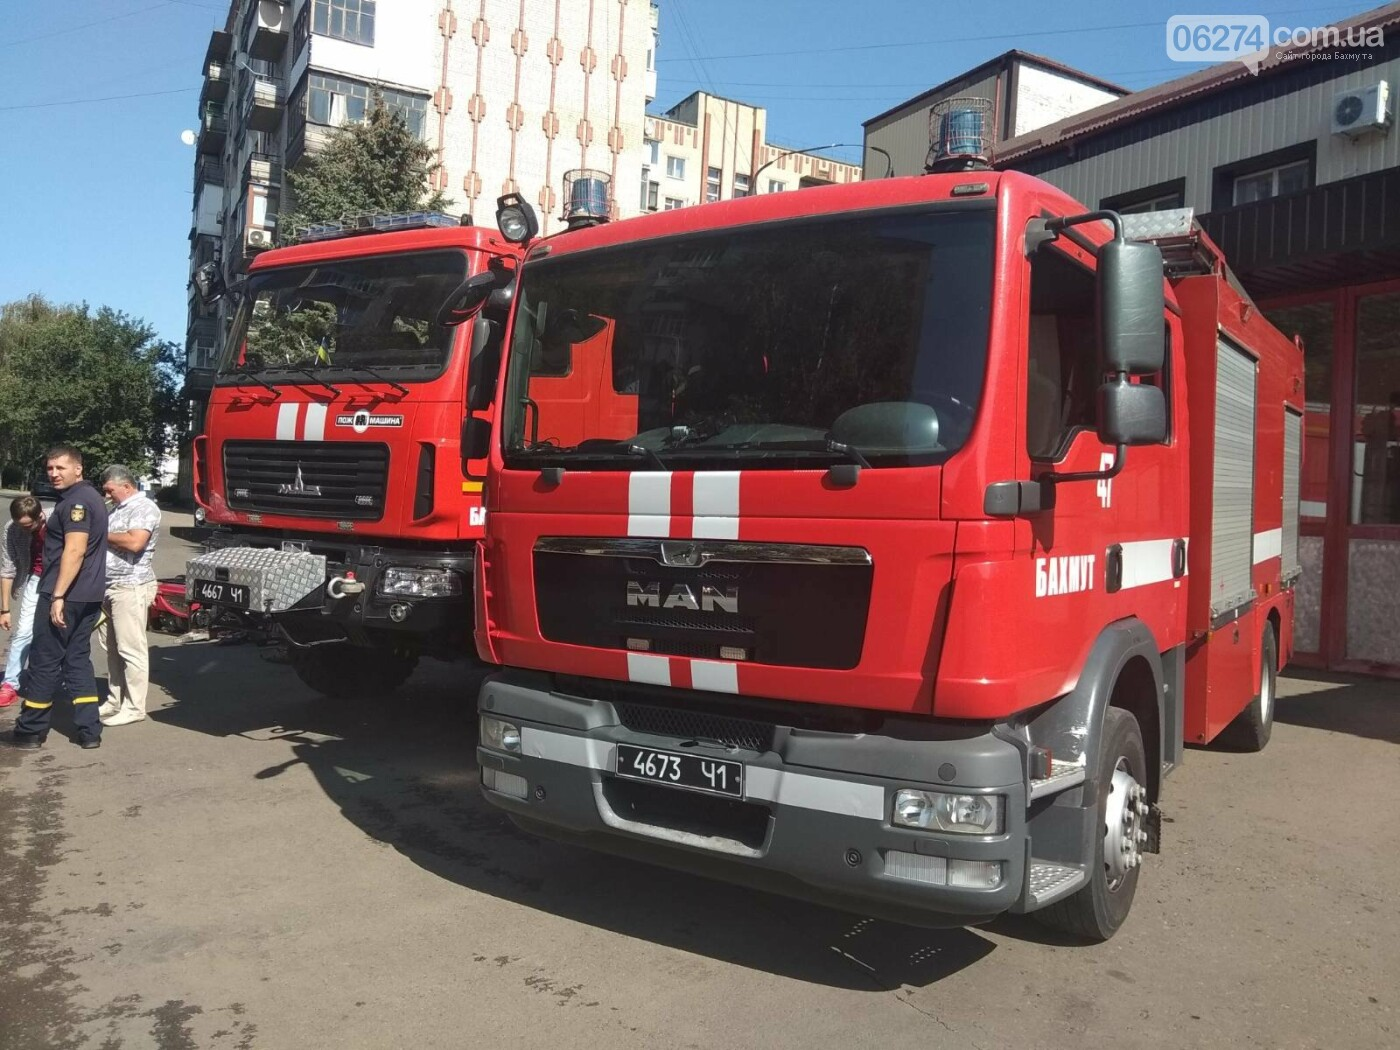 Городской голова поздравил с профессиональным праздником спасателей 8-го ГПСО ГУ ГСЧС Украины, фото-2